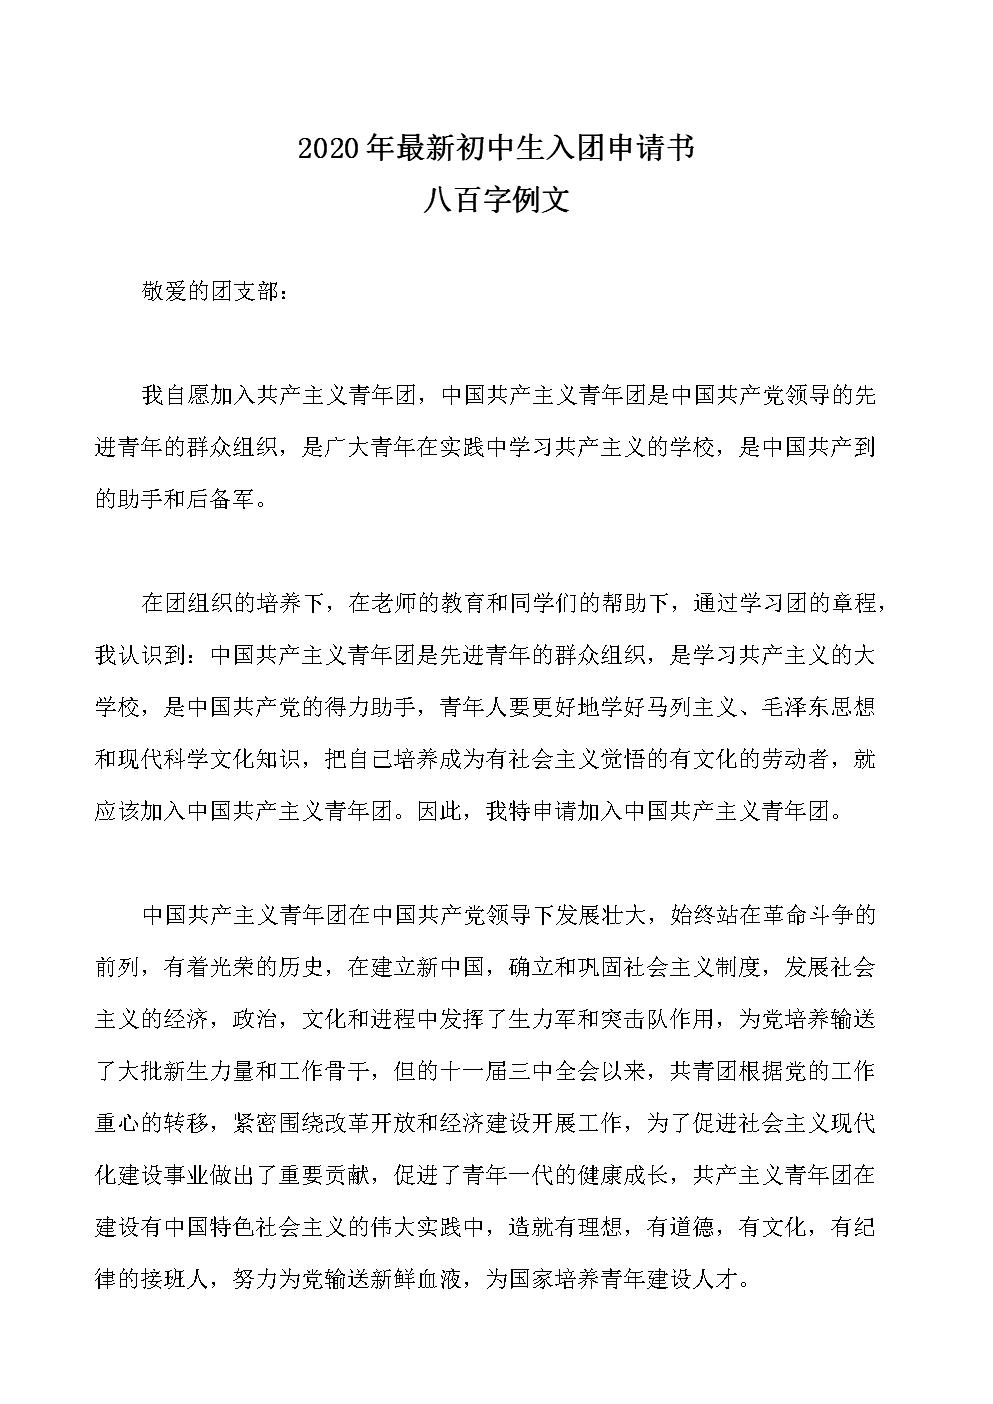 2020年最新初中生入团申请书例文(800字).docx